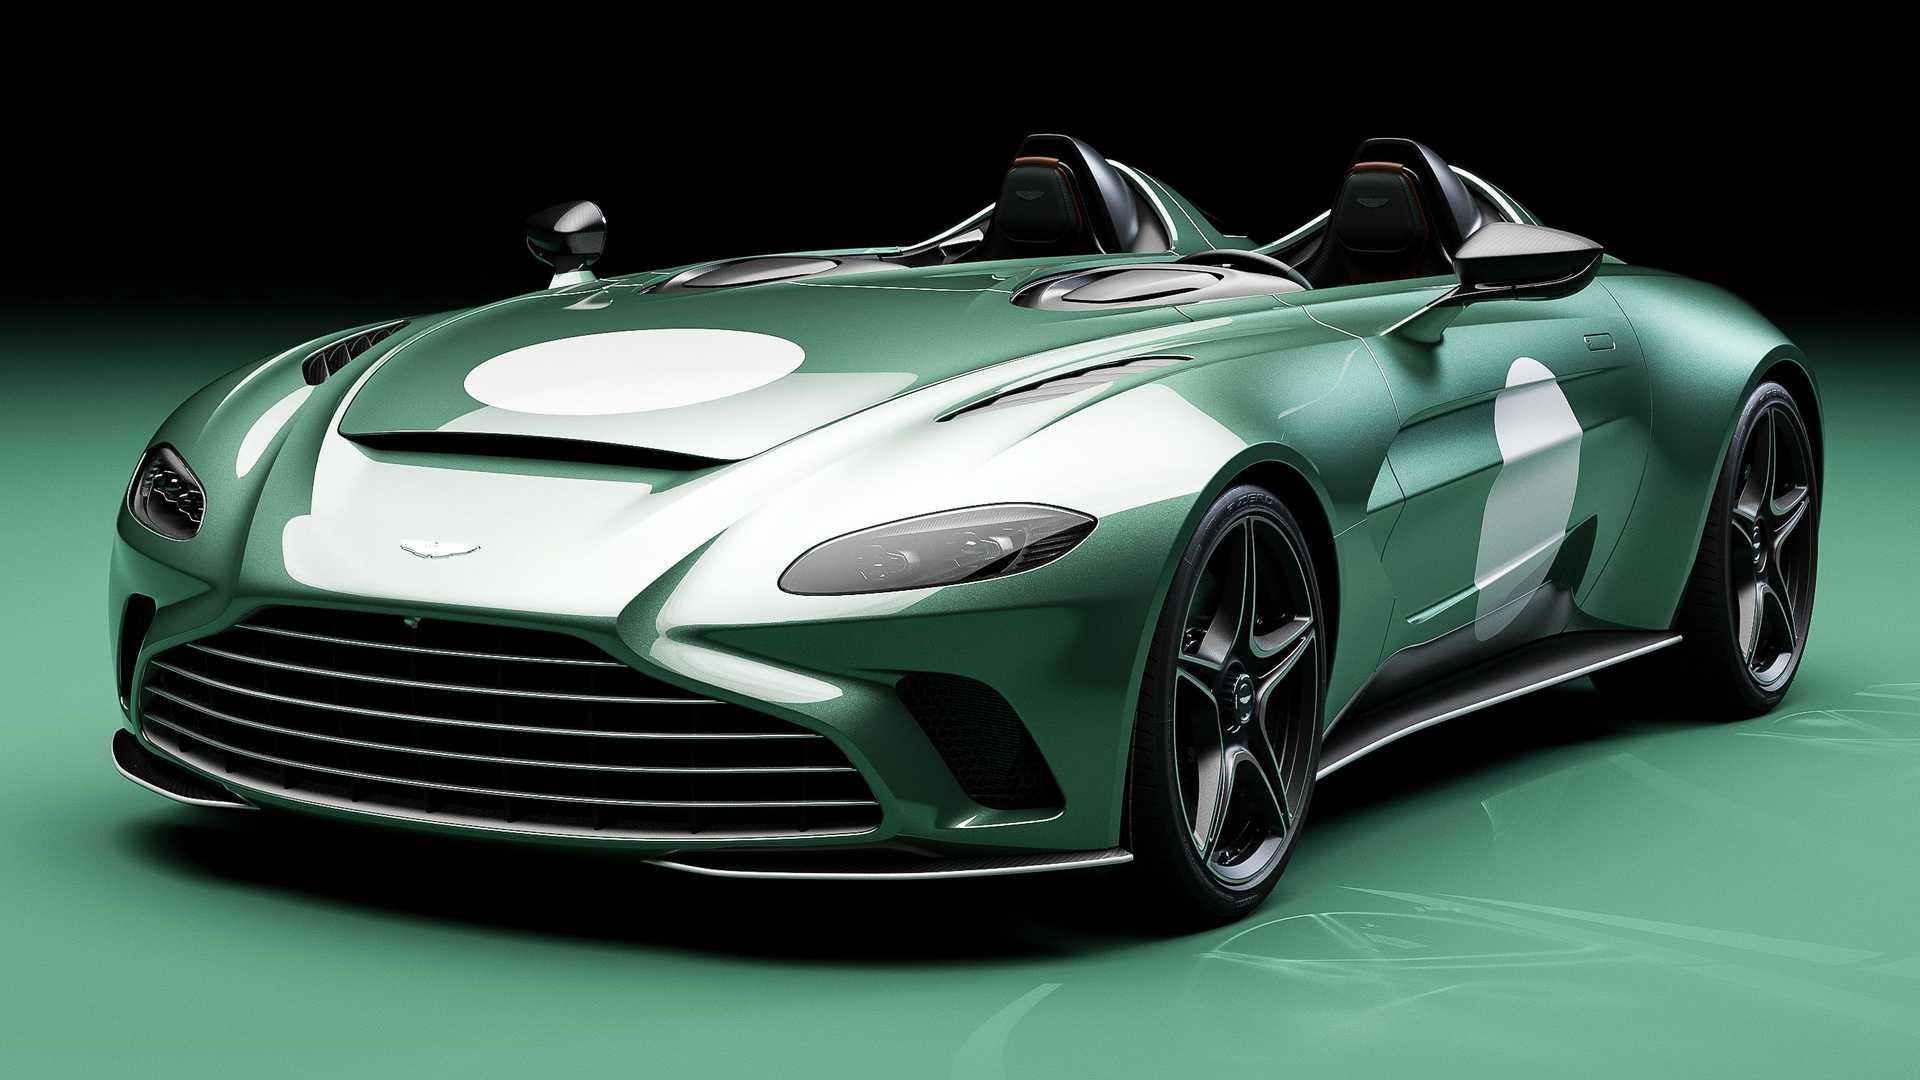 aston-martin-v12-speedster-dbr1-specification-single-front-three-quarters